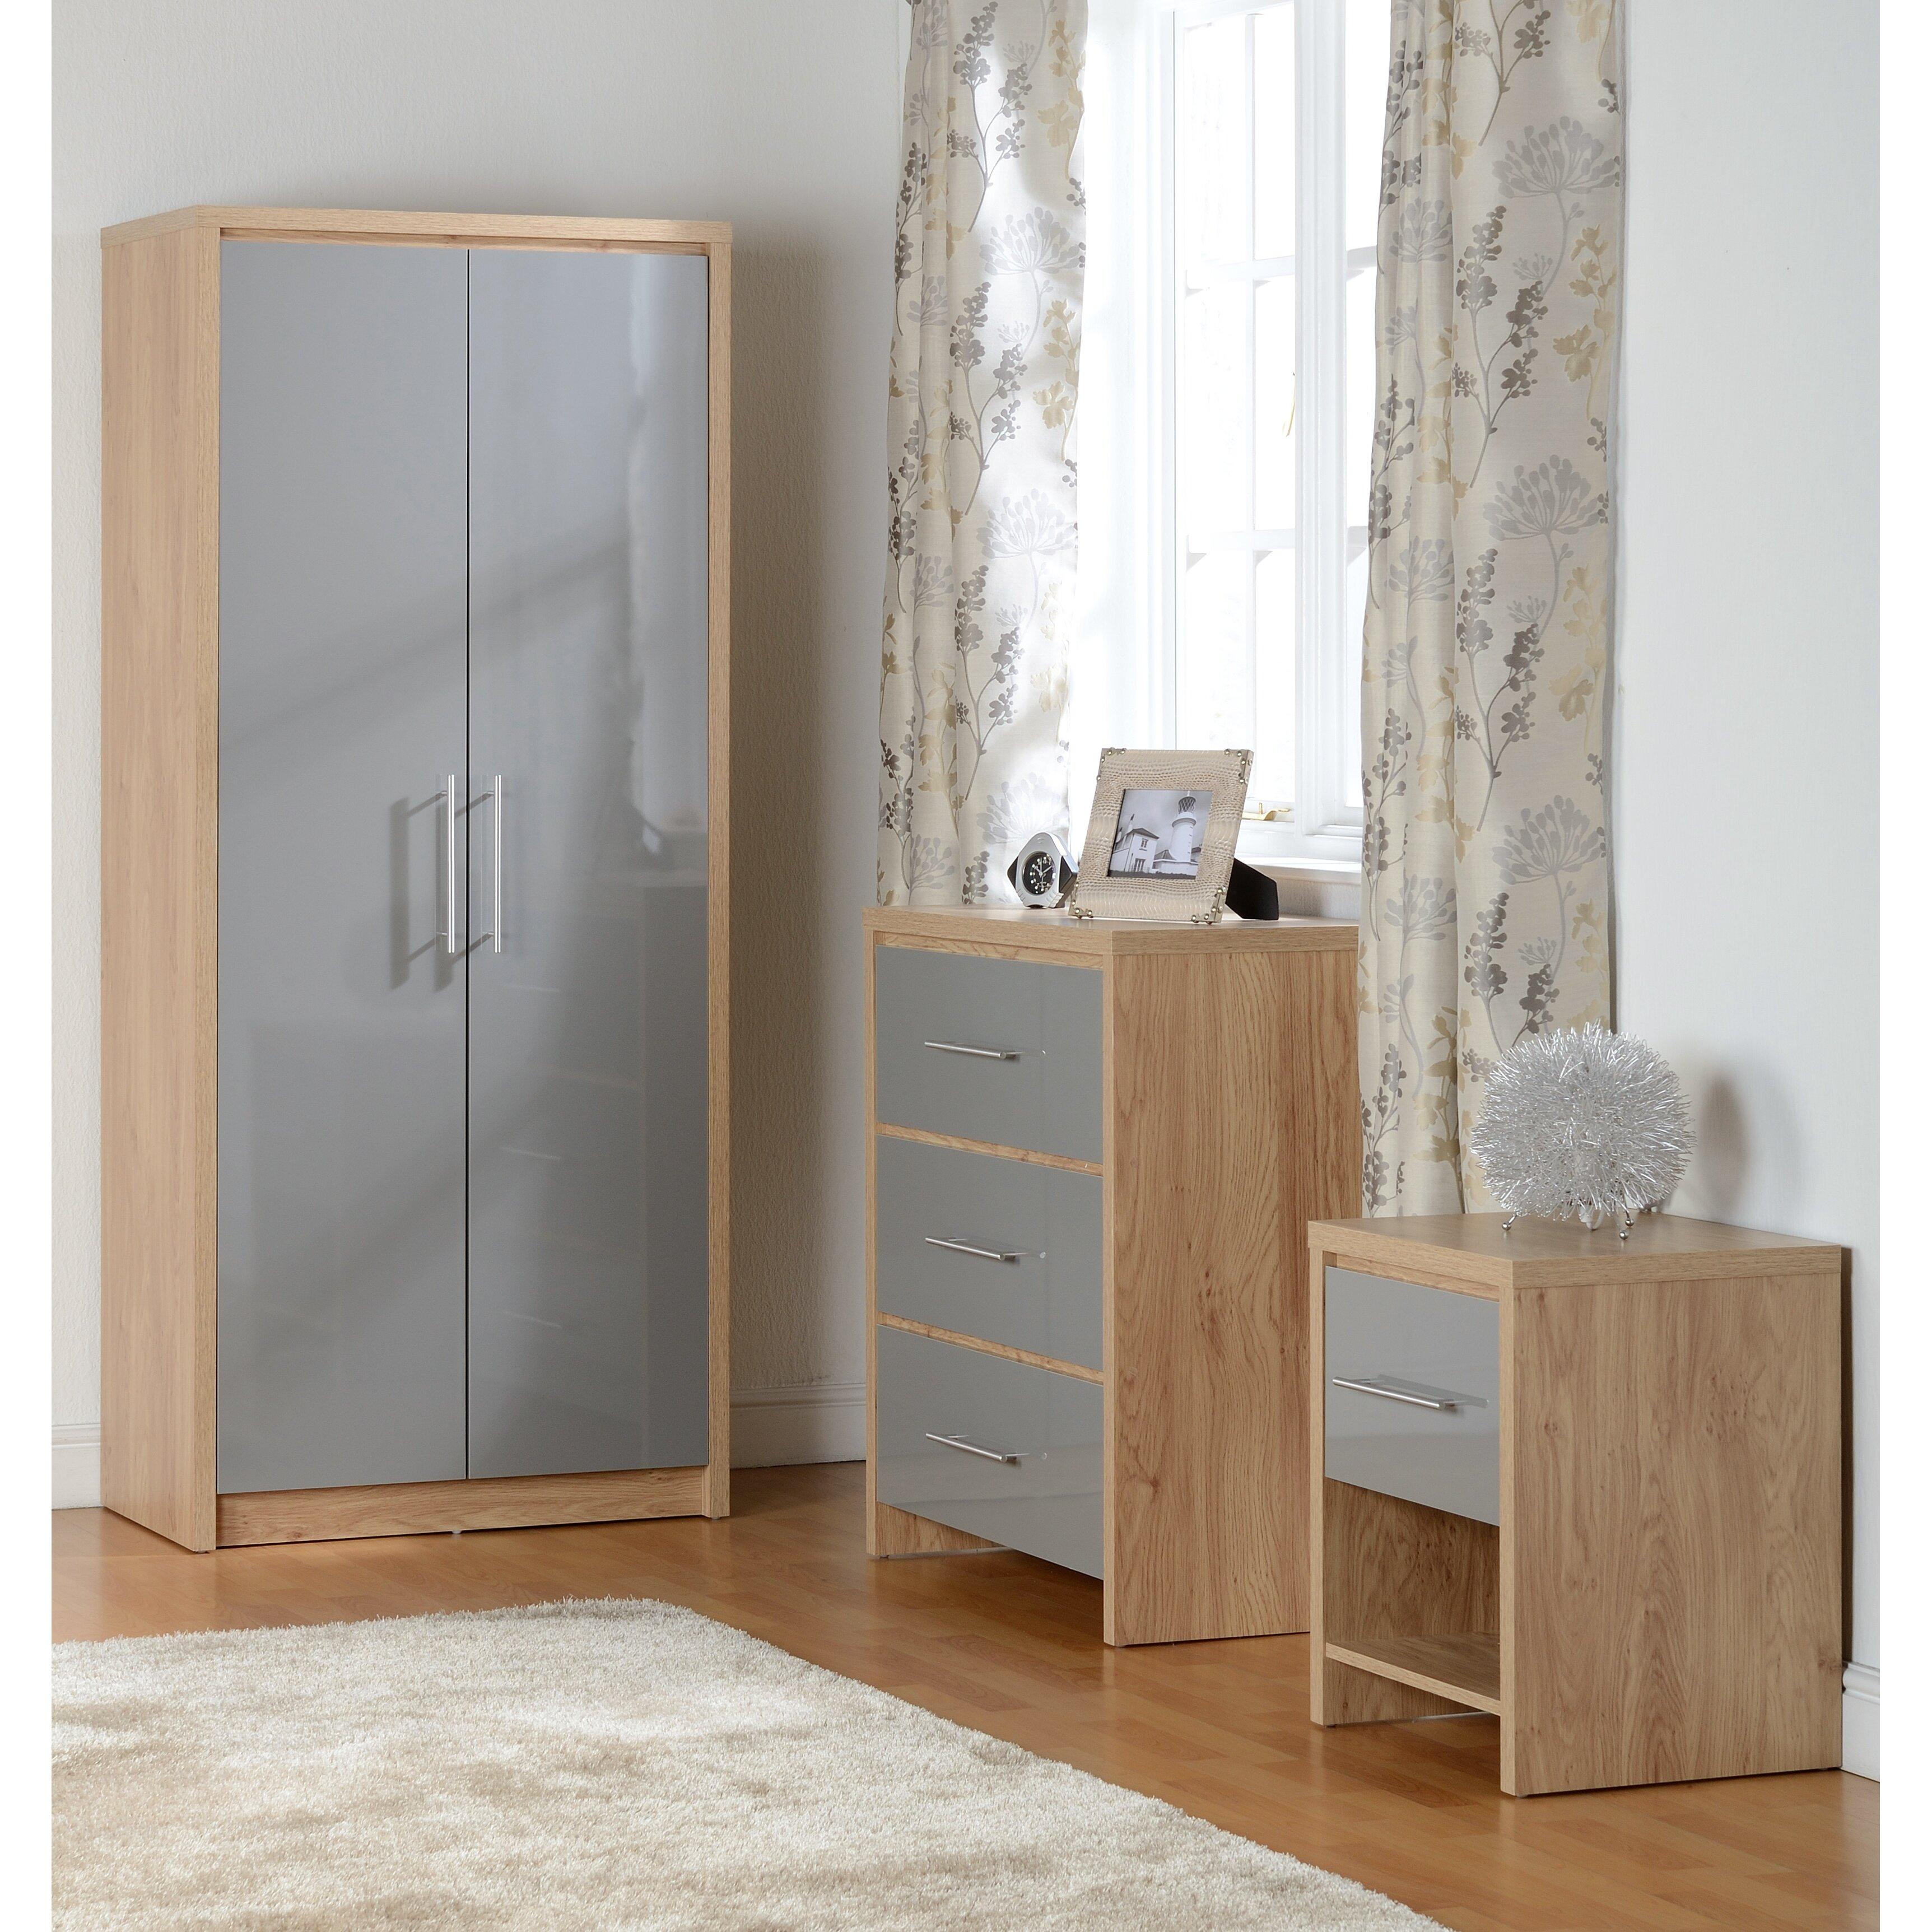 Seville Bedroom Furniture Home Loft Concept Seville 3 Piece Bedroom Set Reviews Wayfair